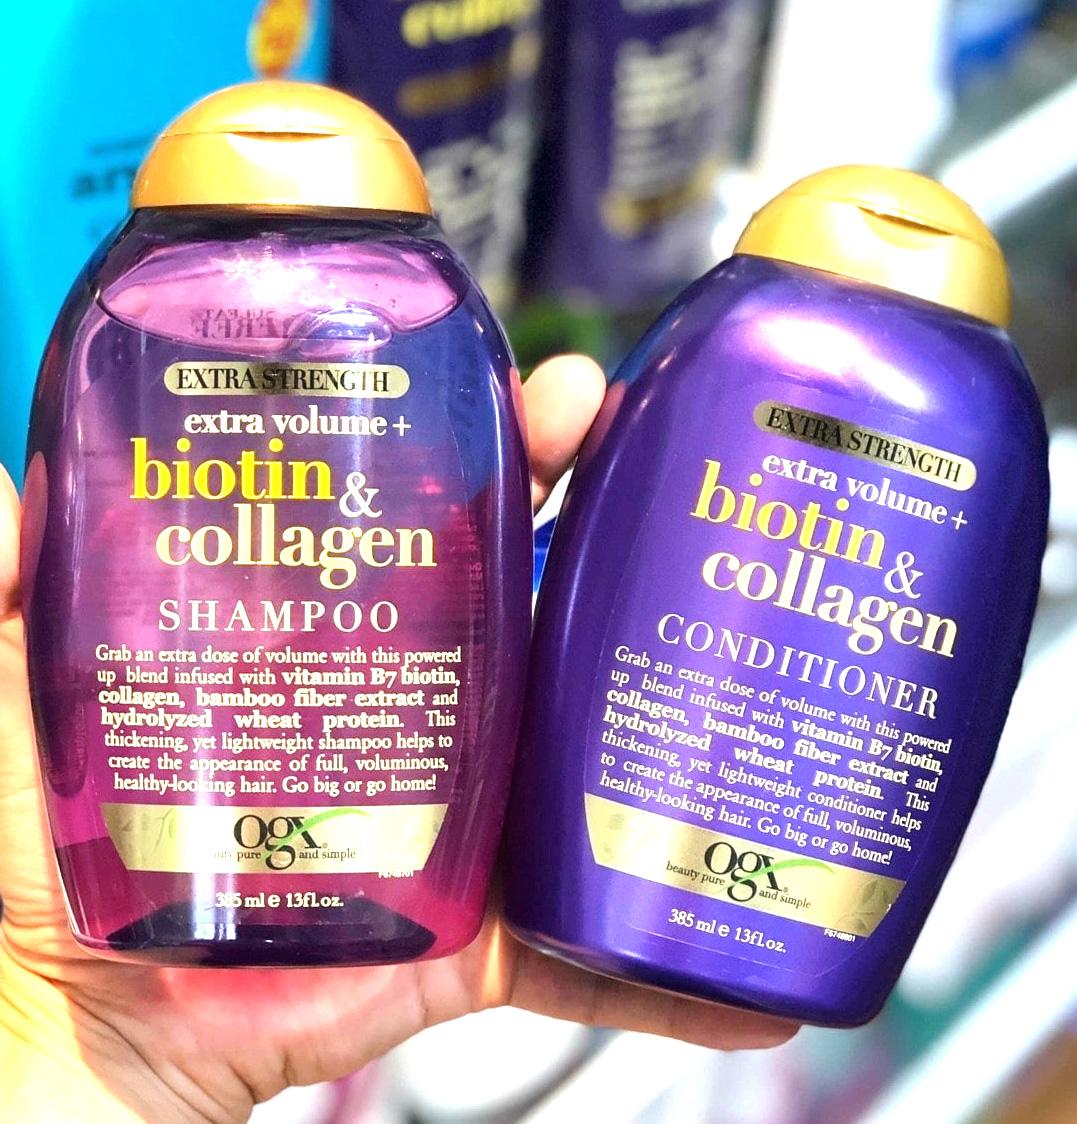 dau goi biotin collagen ogx moc toc cua my tri trung toc hoi dau 4 - Lựa chọn dầu gội trị rụng tóc như thế nào? Top những sản phẩm dầu gội tốt nhất